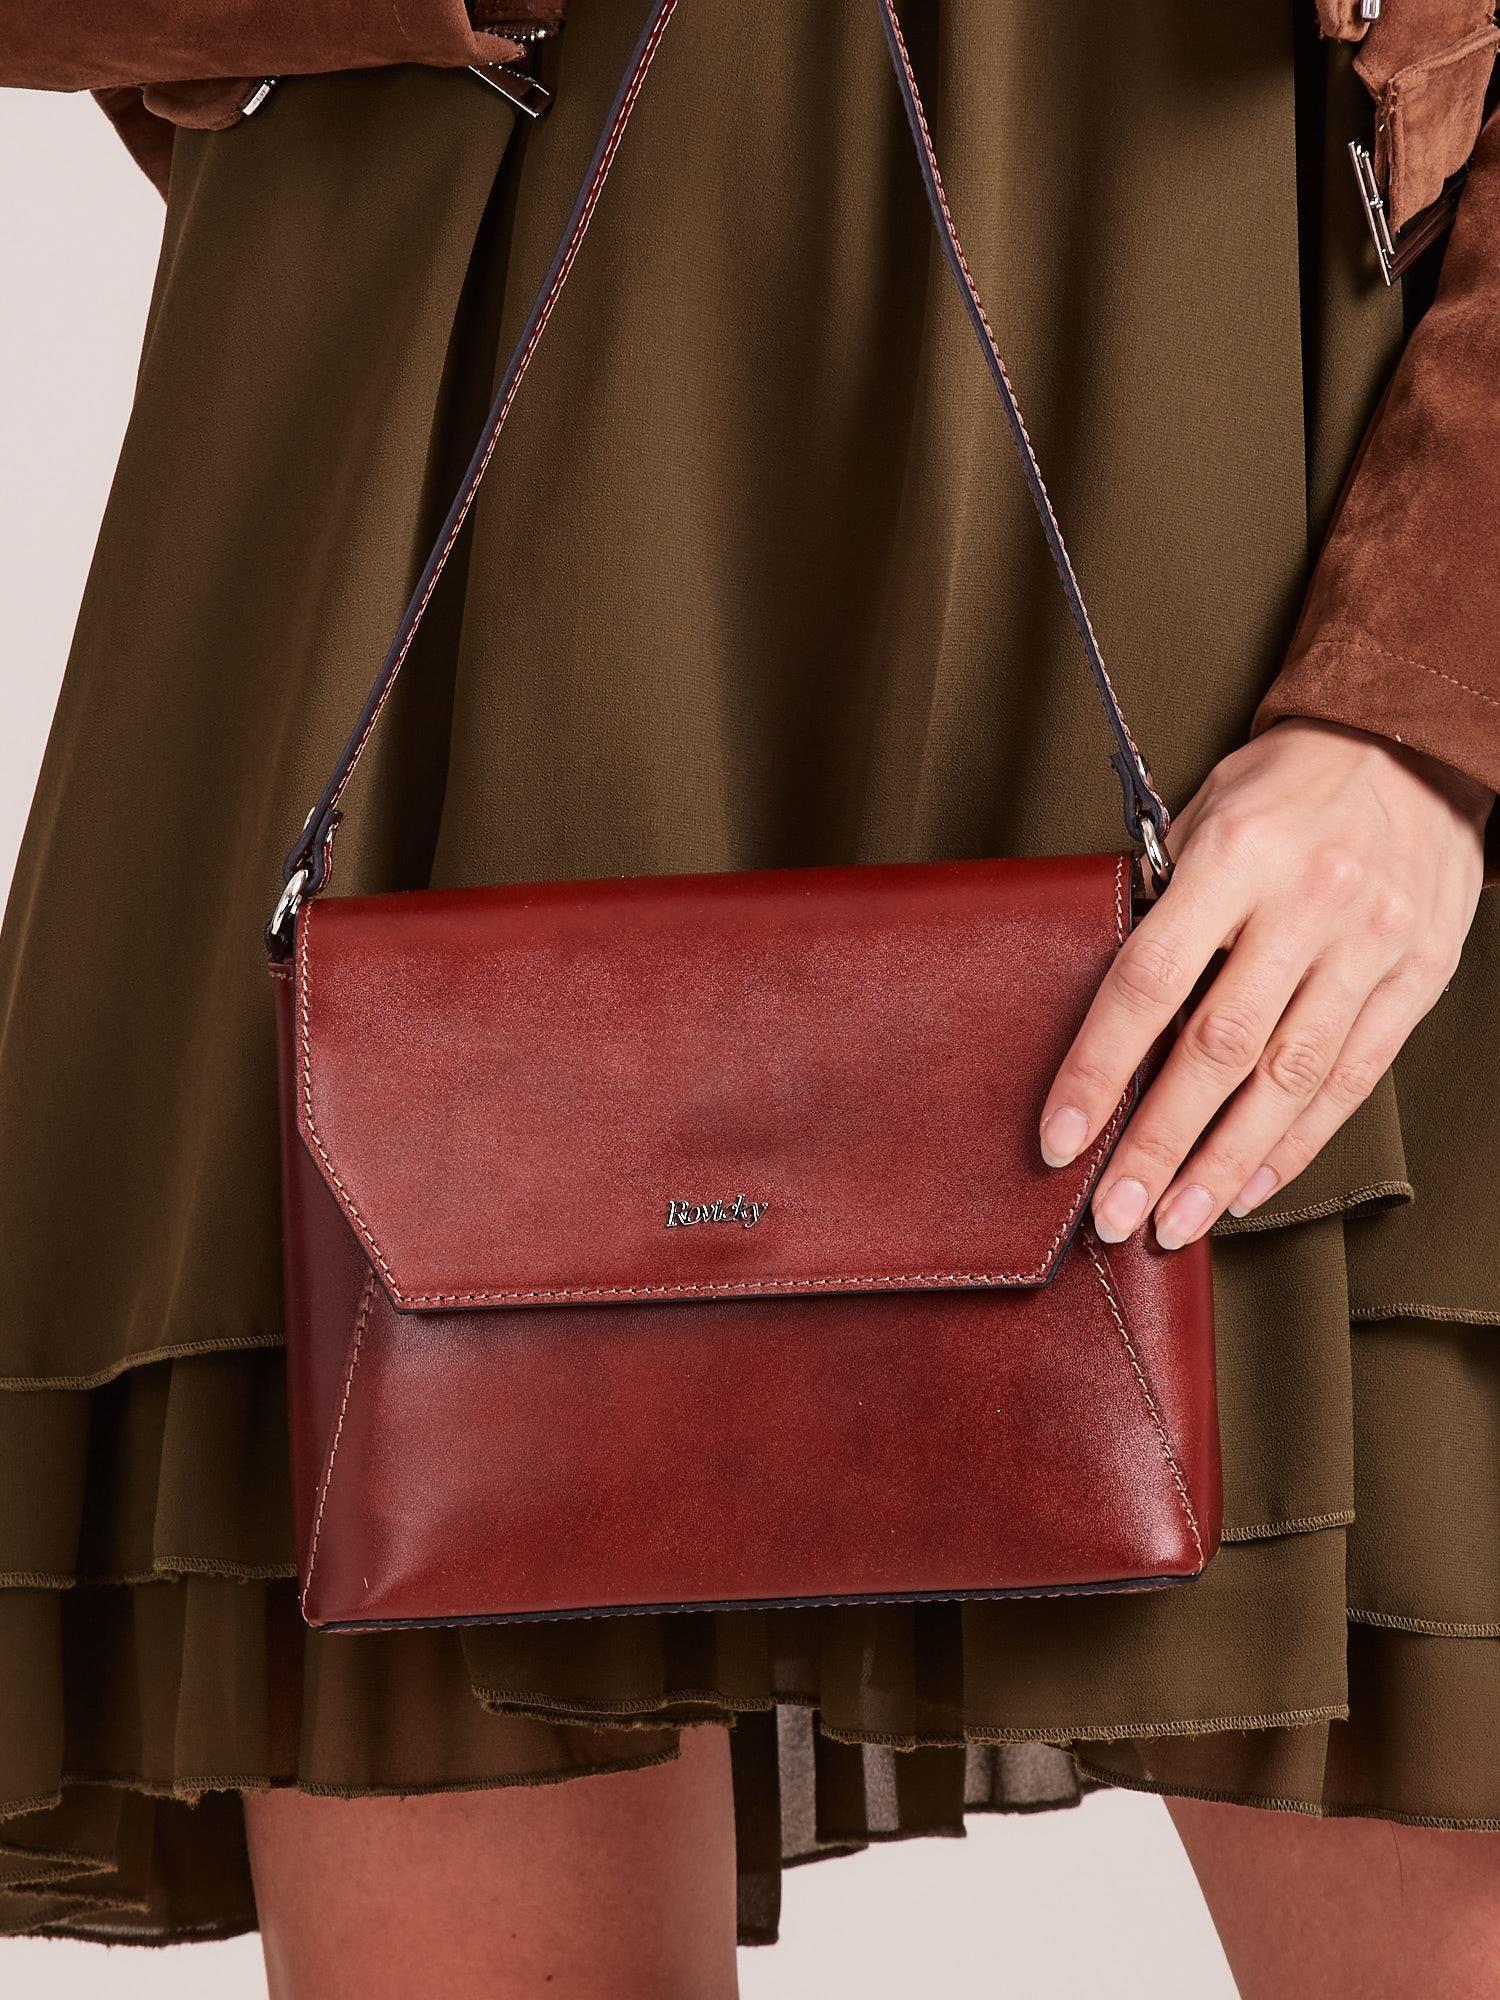 3bbb0187da6a0 Elegancka skórzana torebka listonoszka brązowa - Akcesoria torba ...